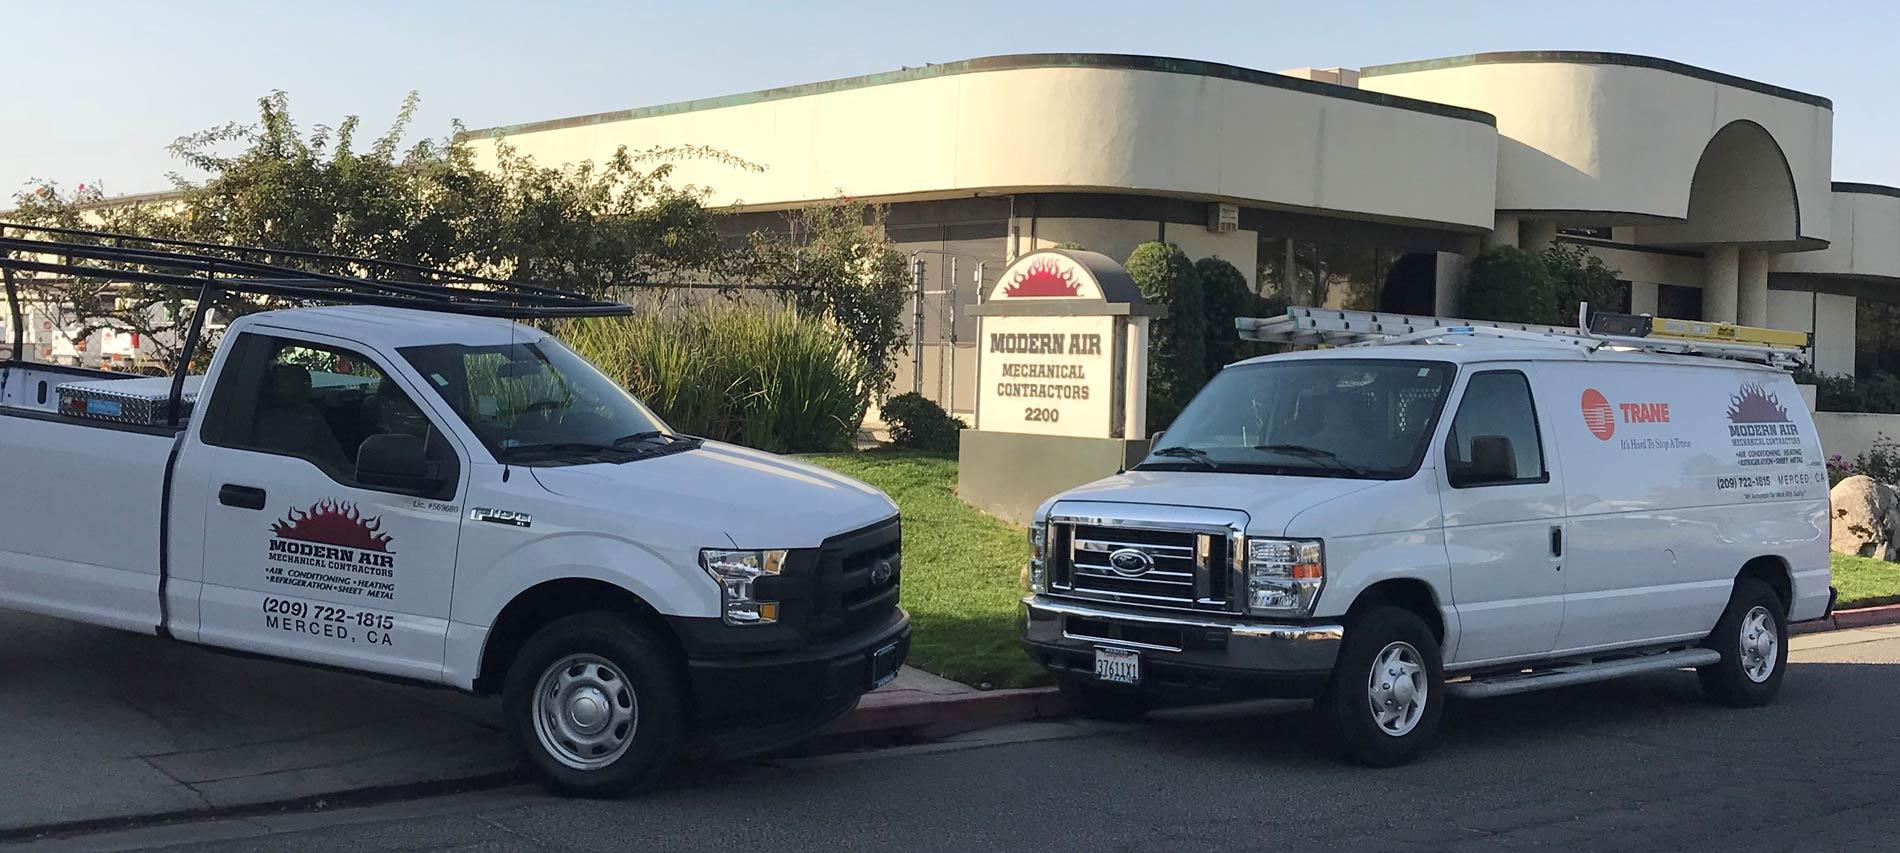 service truck and van